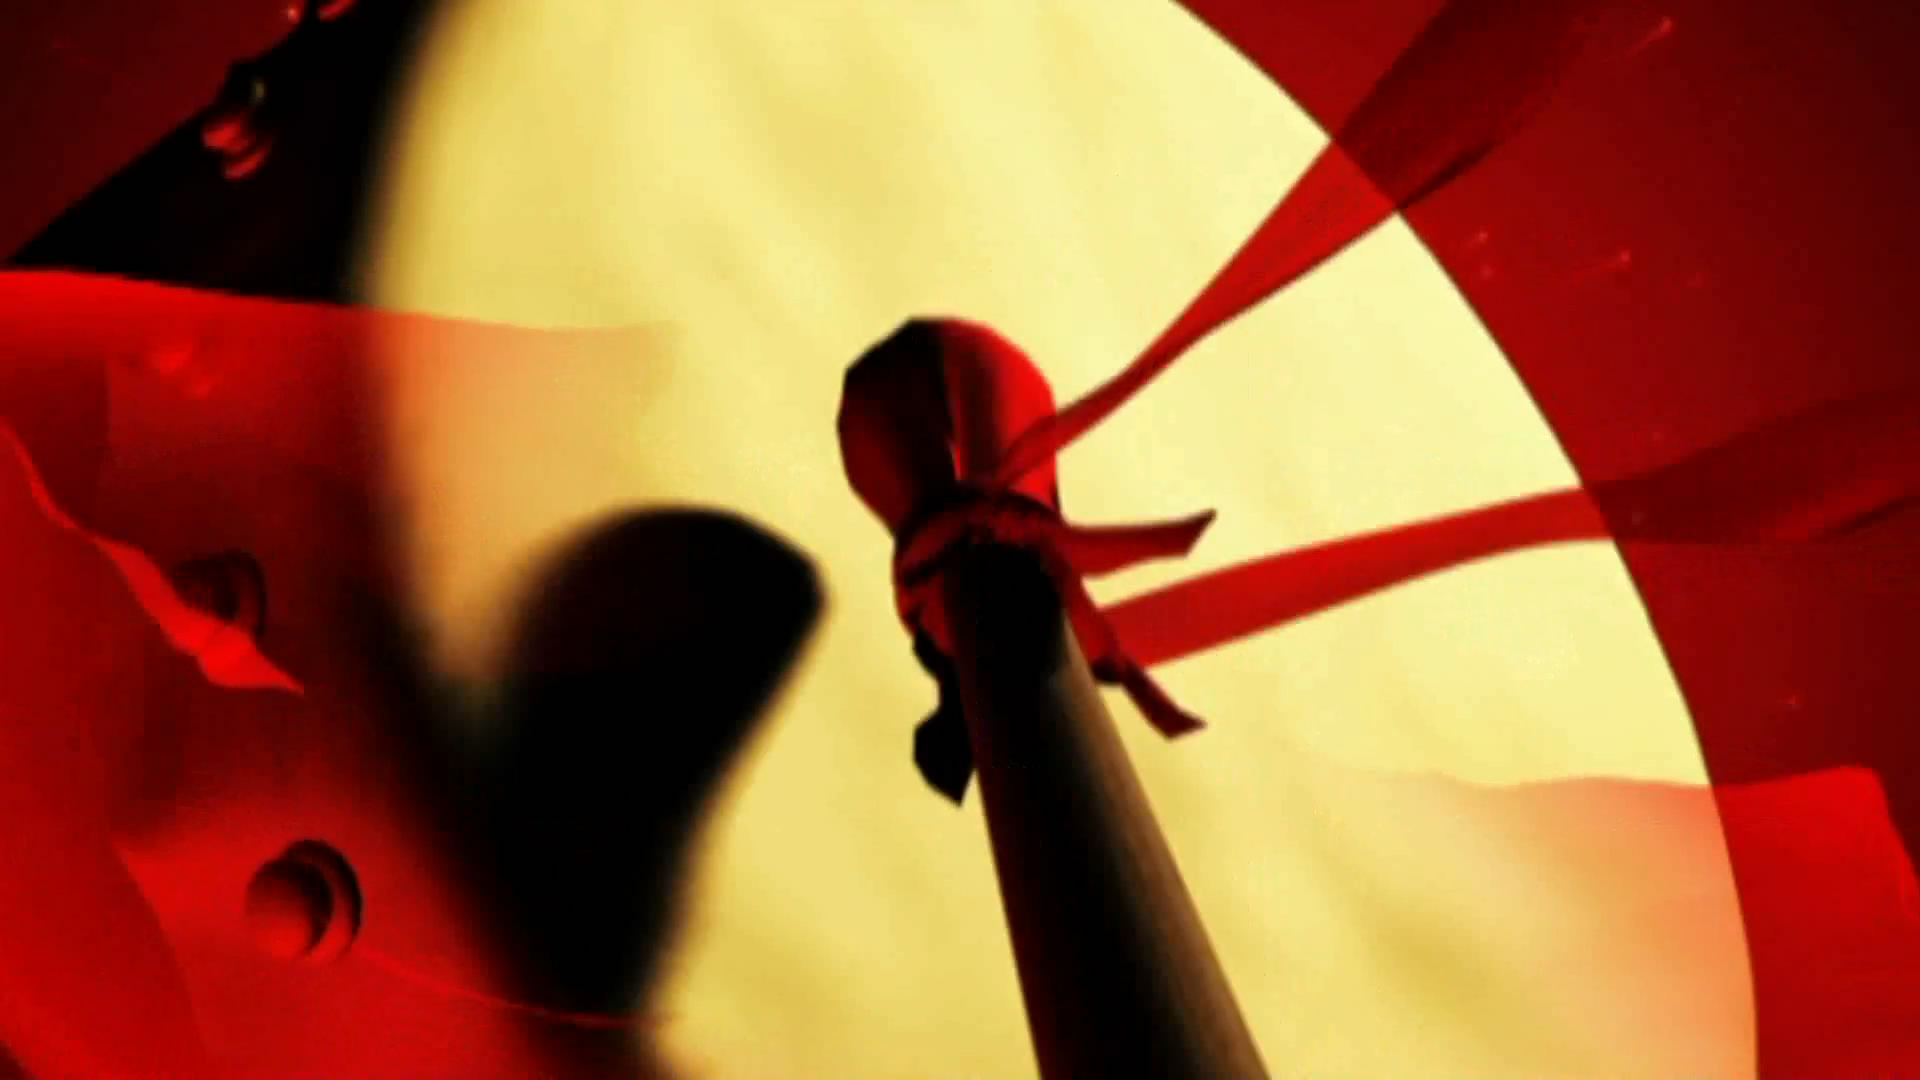 新年节日素材 喜庆中国风鼓舞中国打大鼓背景高清视频素材